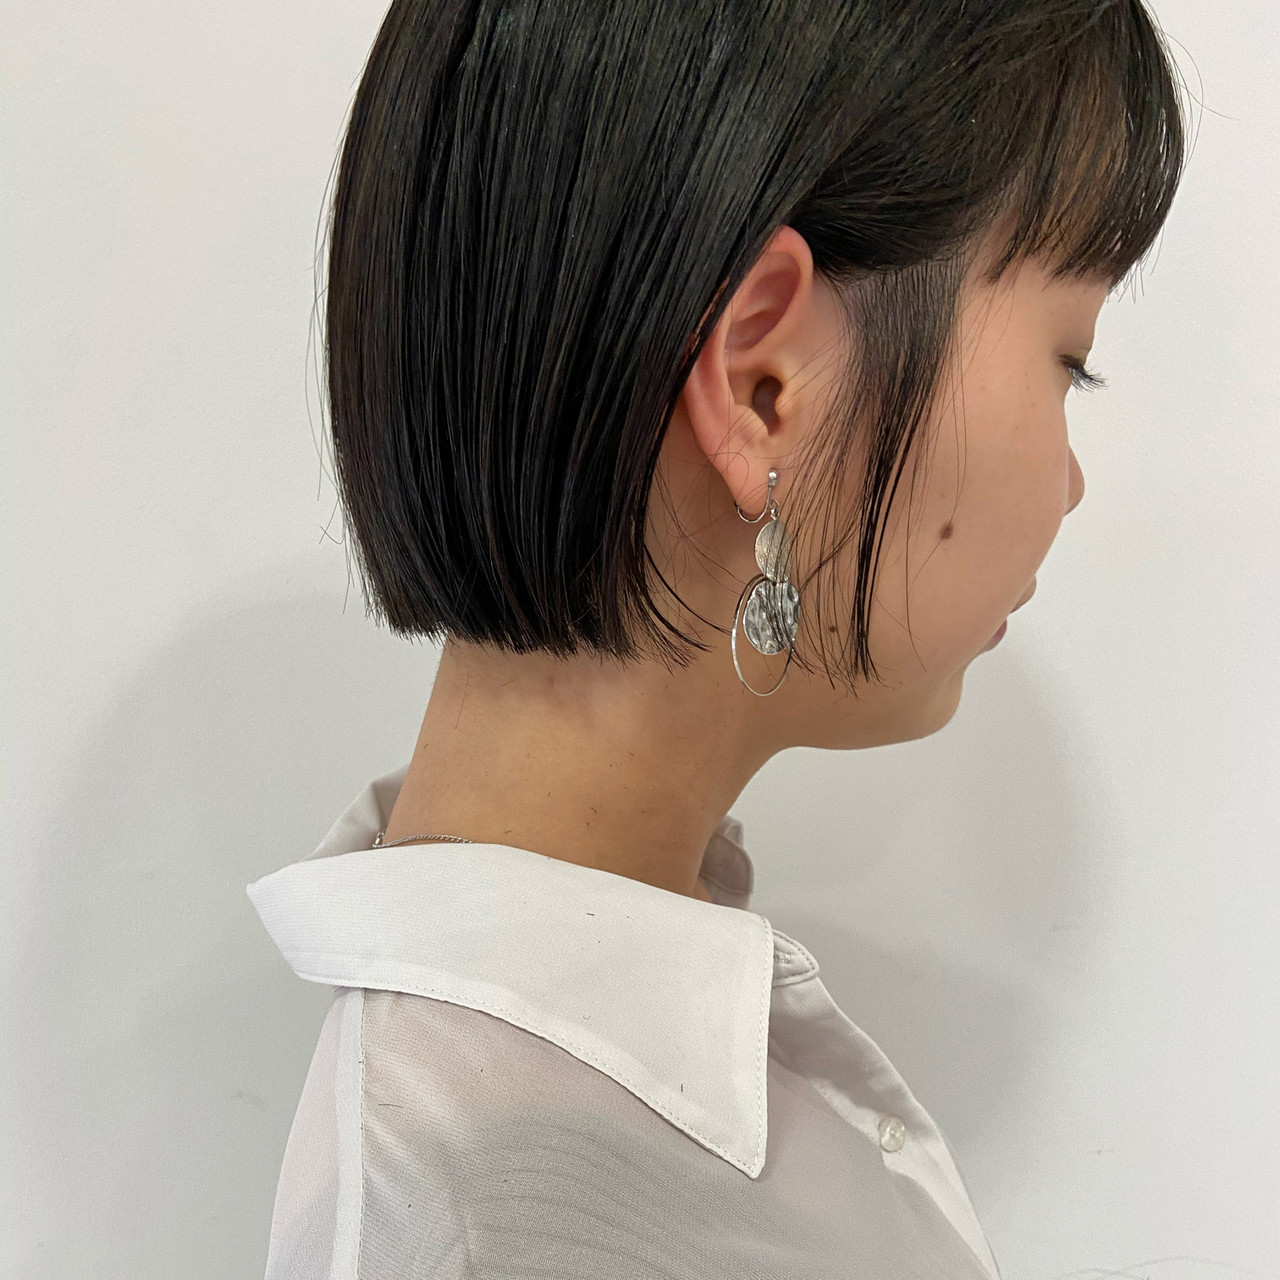 まとまるボブ ショートヘア ミニボブ ショートボブ ヘアスタイルや髪型の写真・画像 | haruhi / CHIC feux